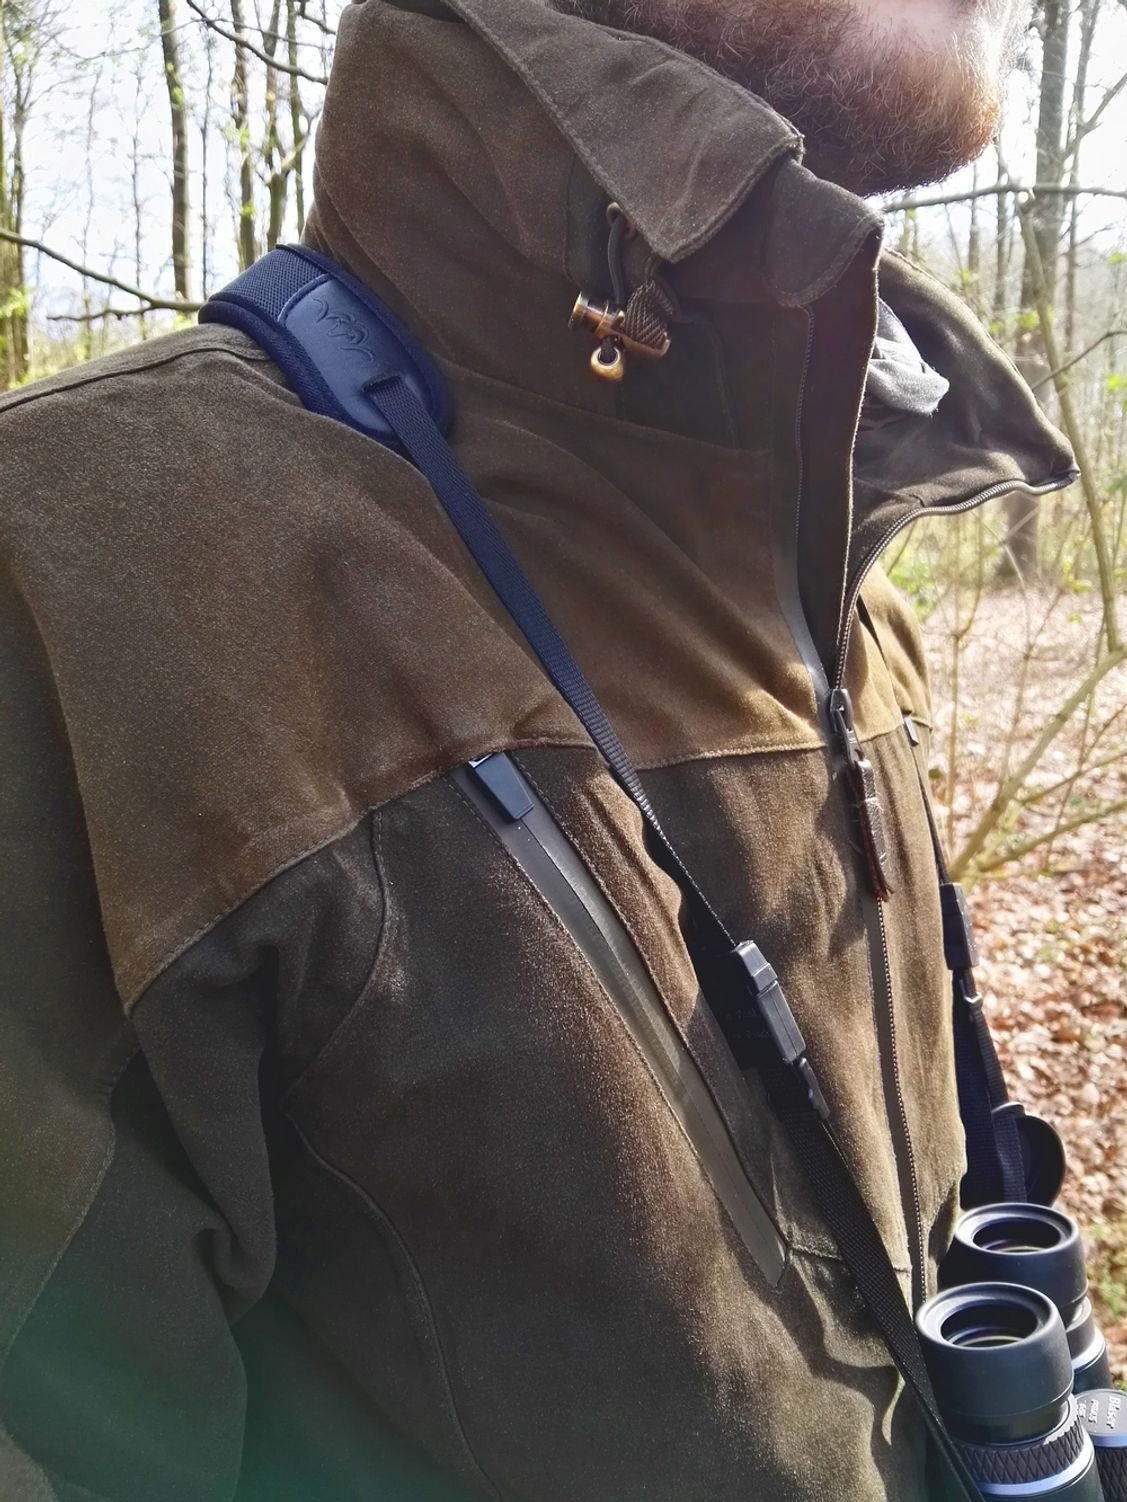 Die Jacke lässt sich gut bis kurz über dem Kinn zuziehen.